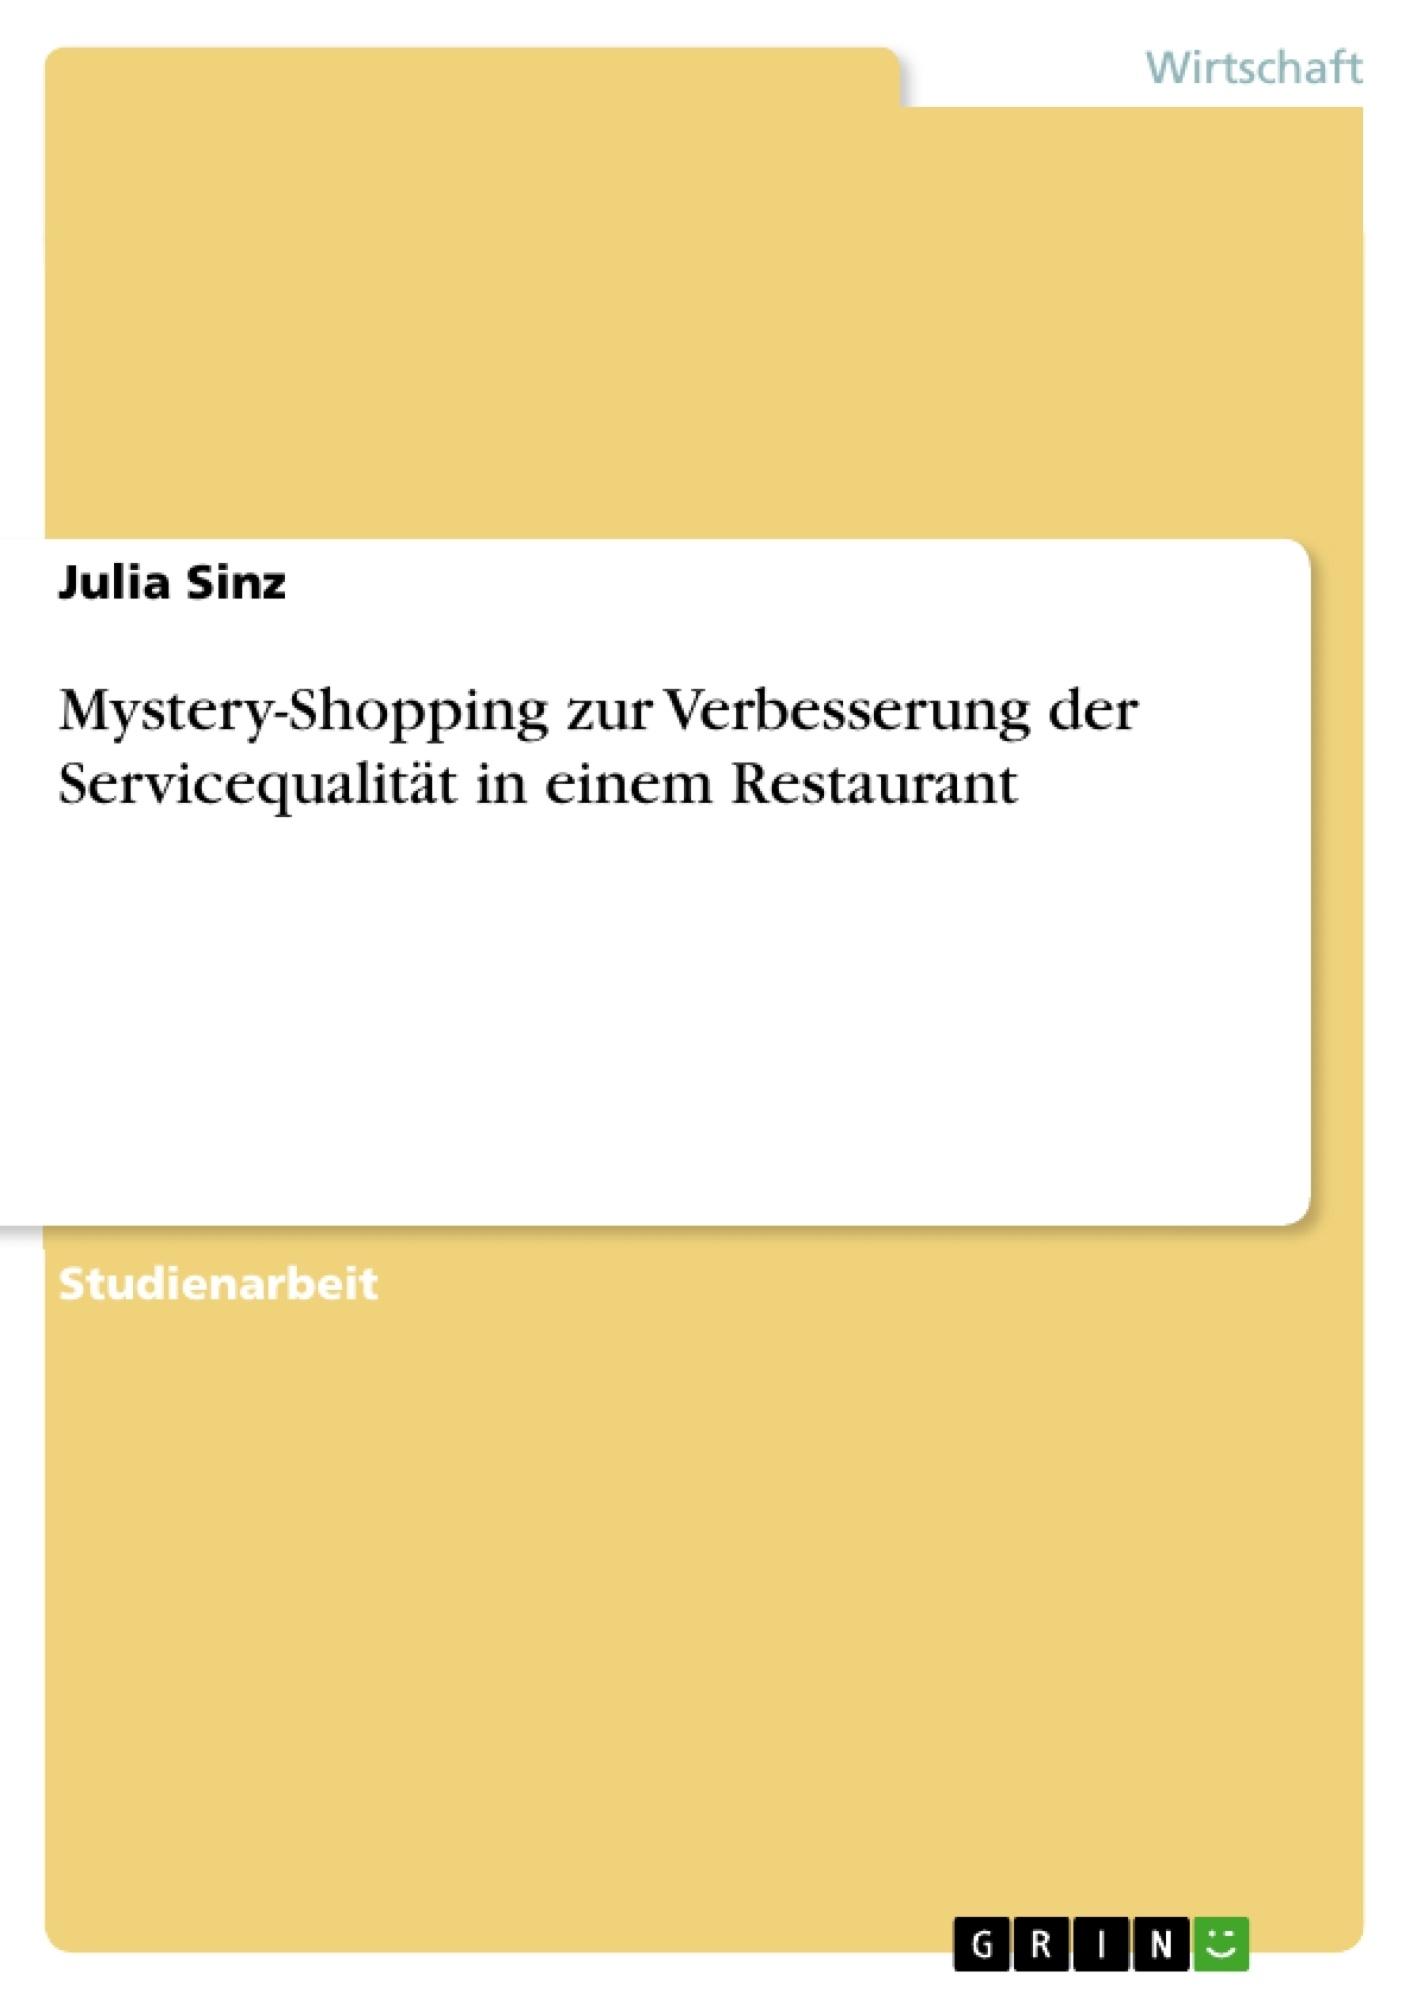 Titel: Mystery-Shopping zur Verbesserung der Servicequalität in einem Restaurant